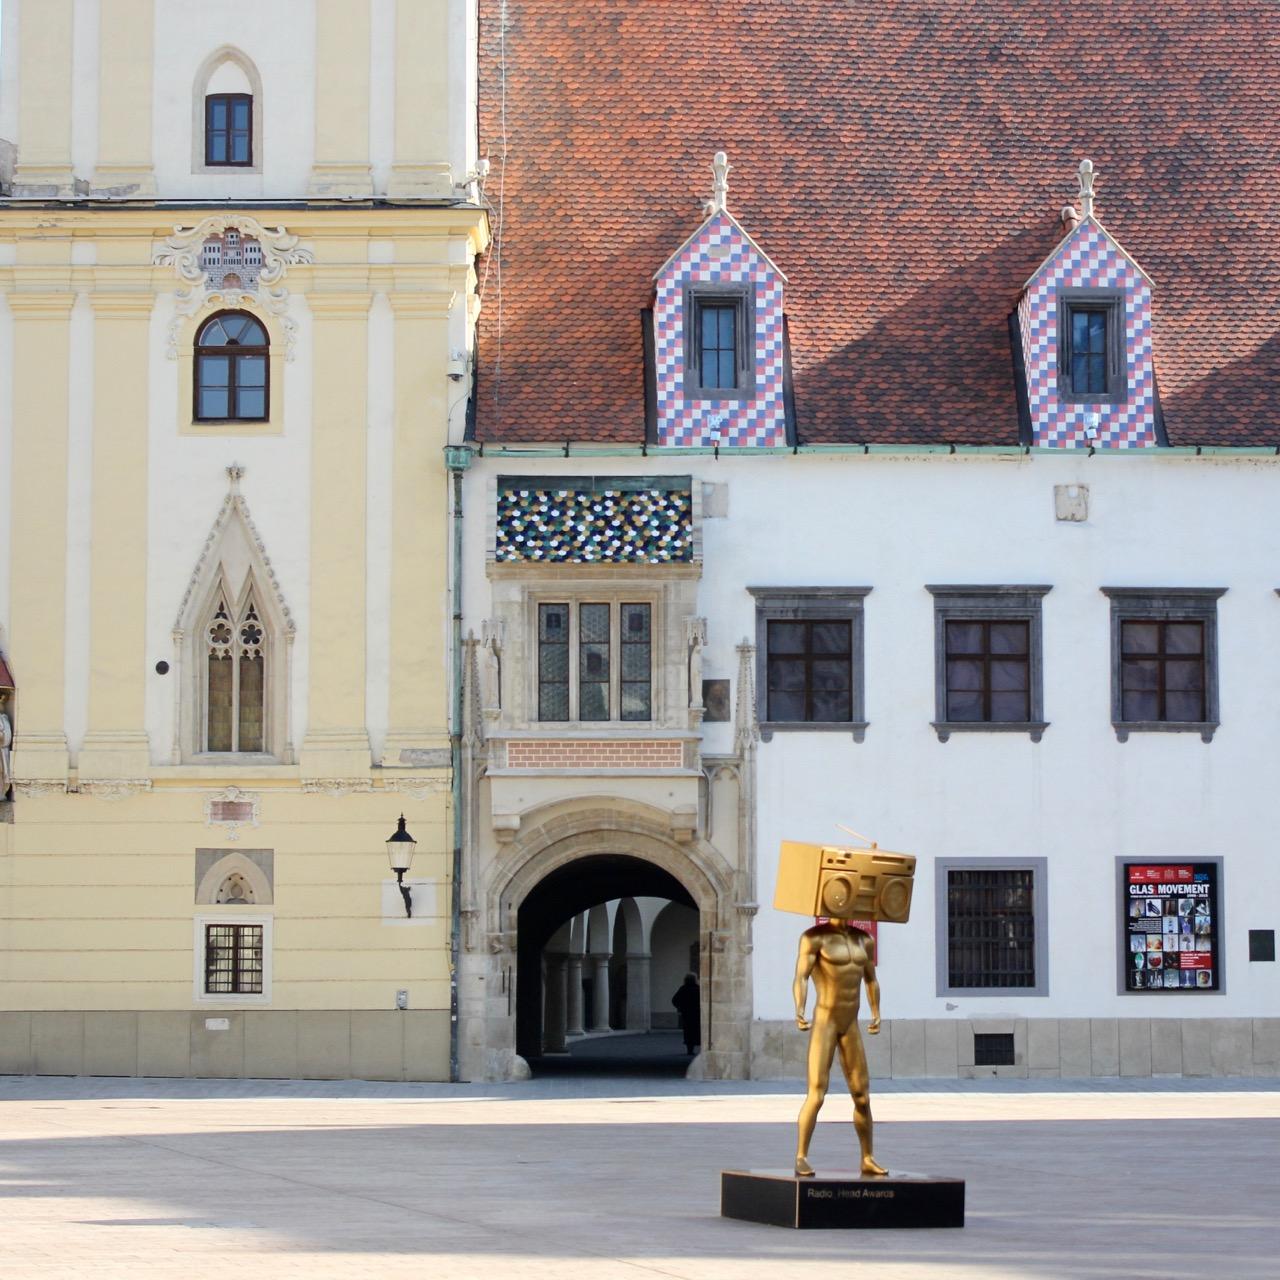 Bratislava, Slovakia - 4